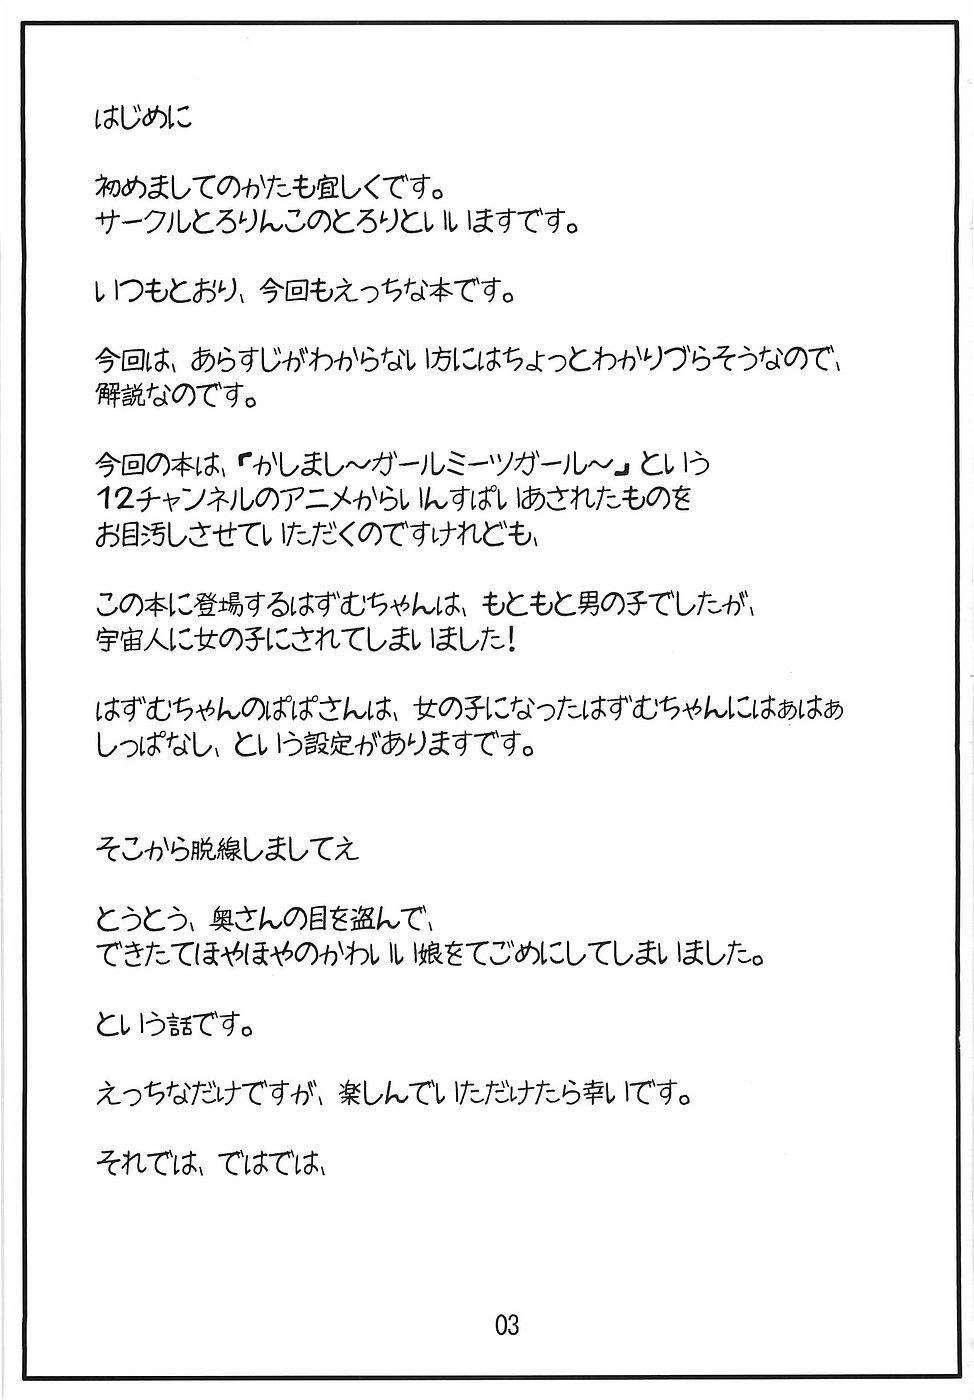 Hazumu to Issho! | Stay With Hazumu! 1